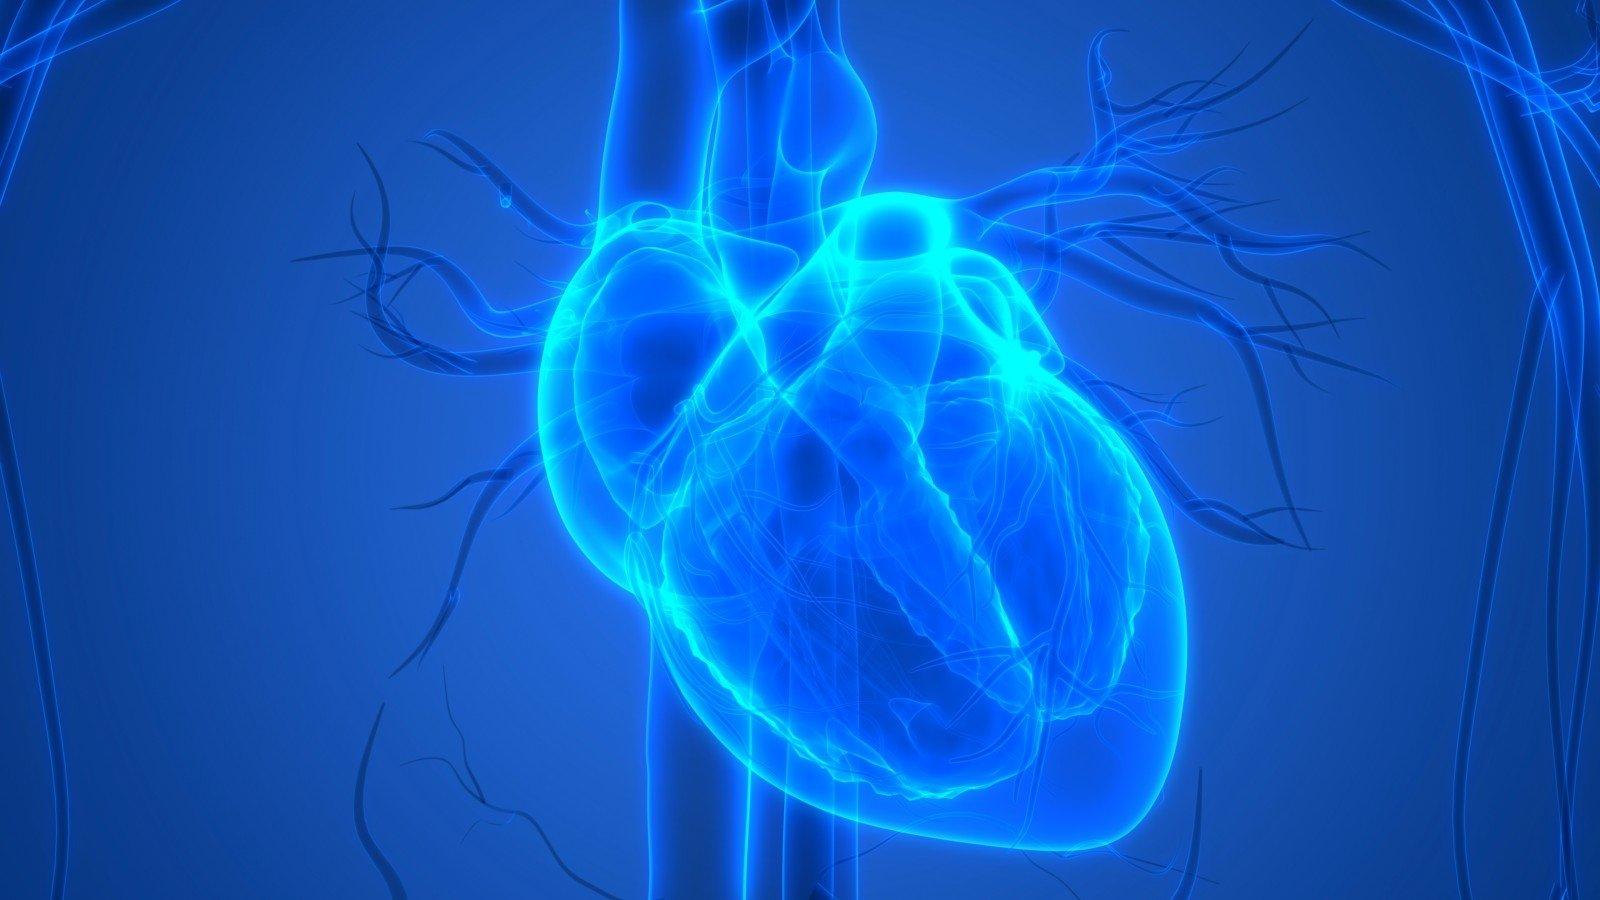 elektroforezė esant hipertenzijai yra įmanoma ar ne